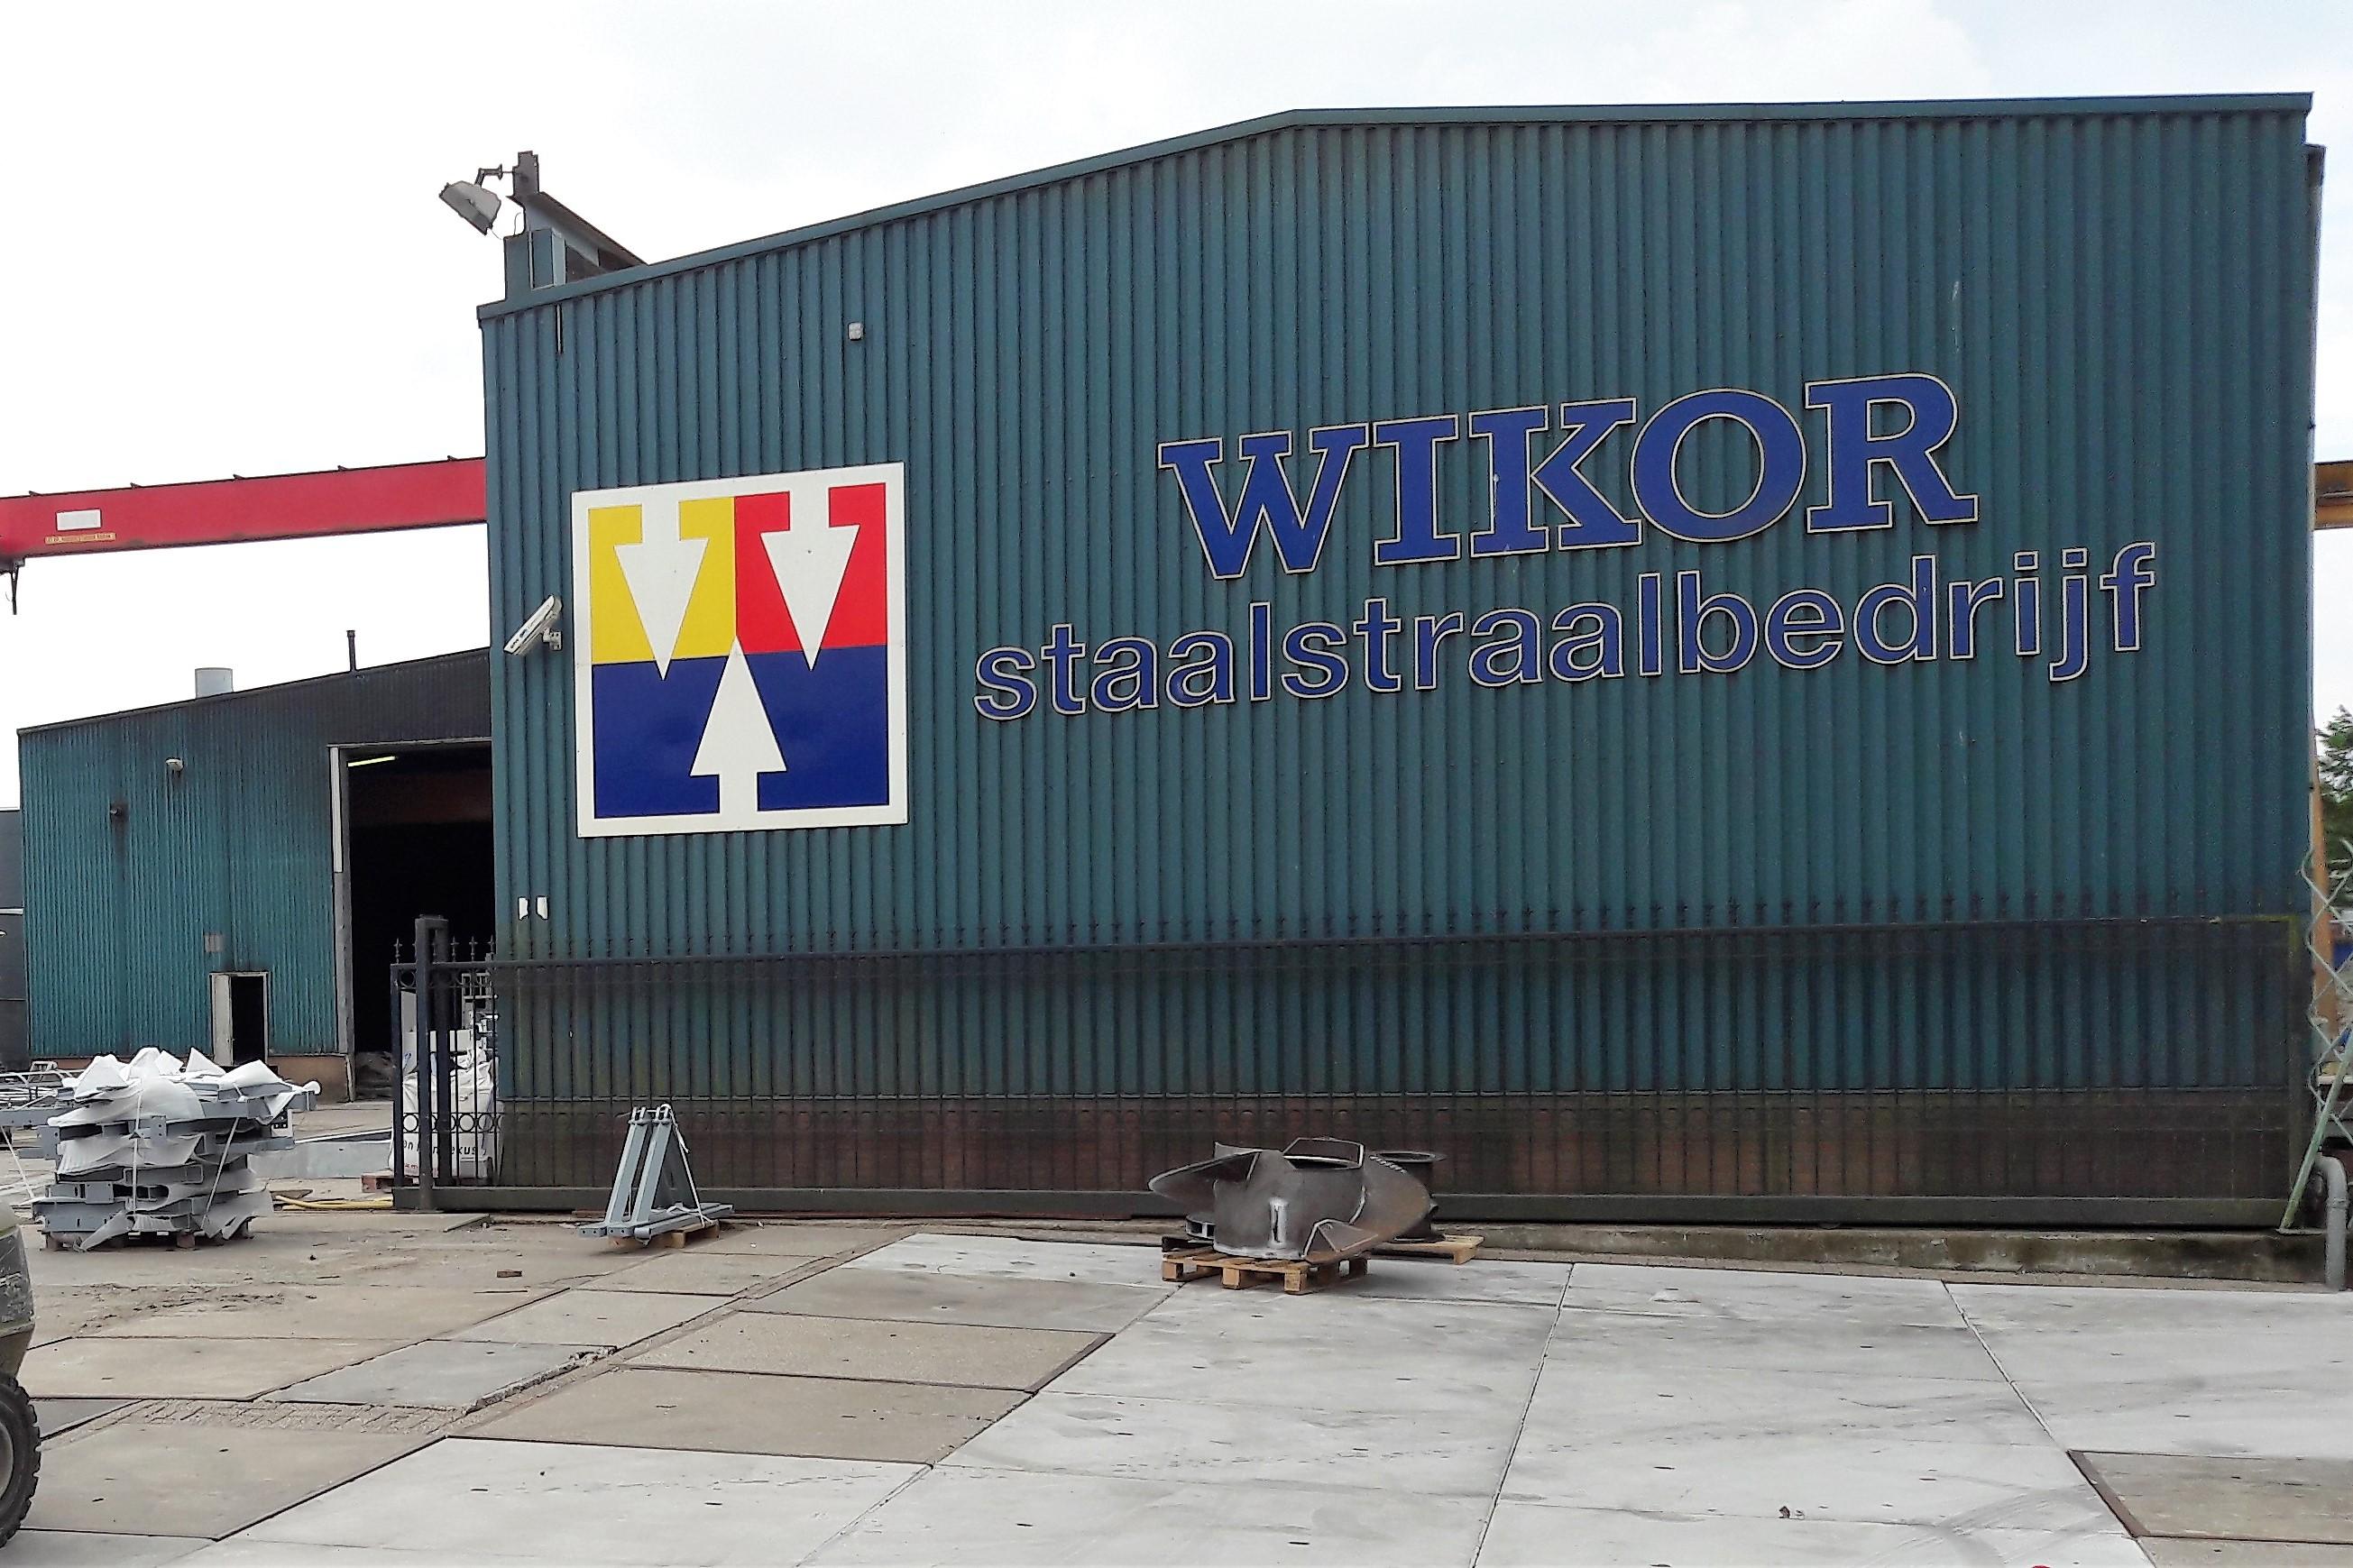 Ingersoll Rand Straalbedrijf Wikor